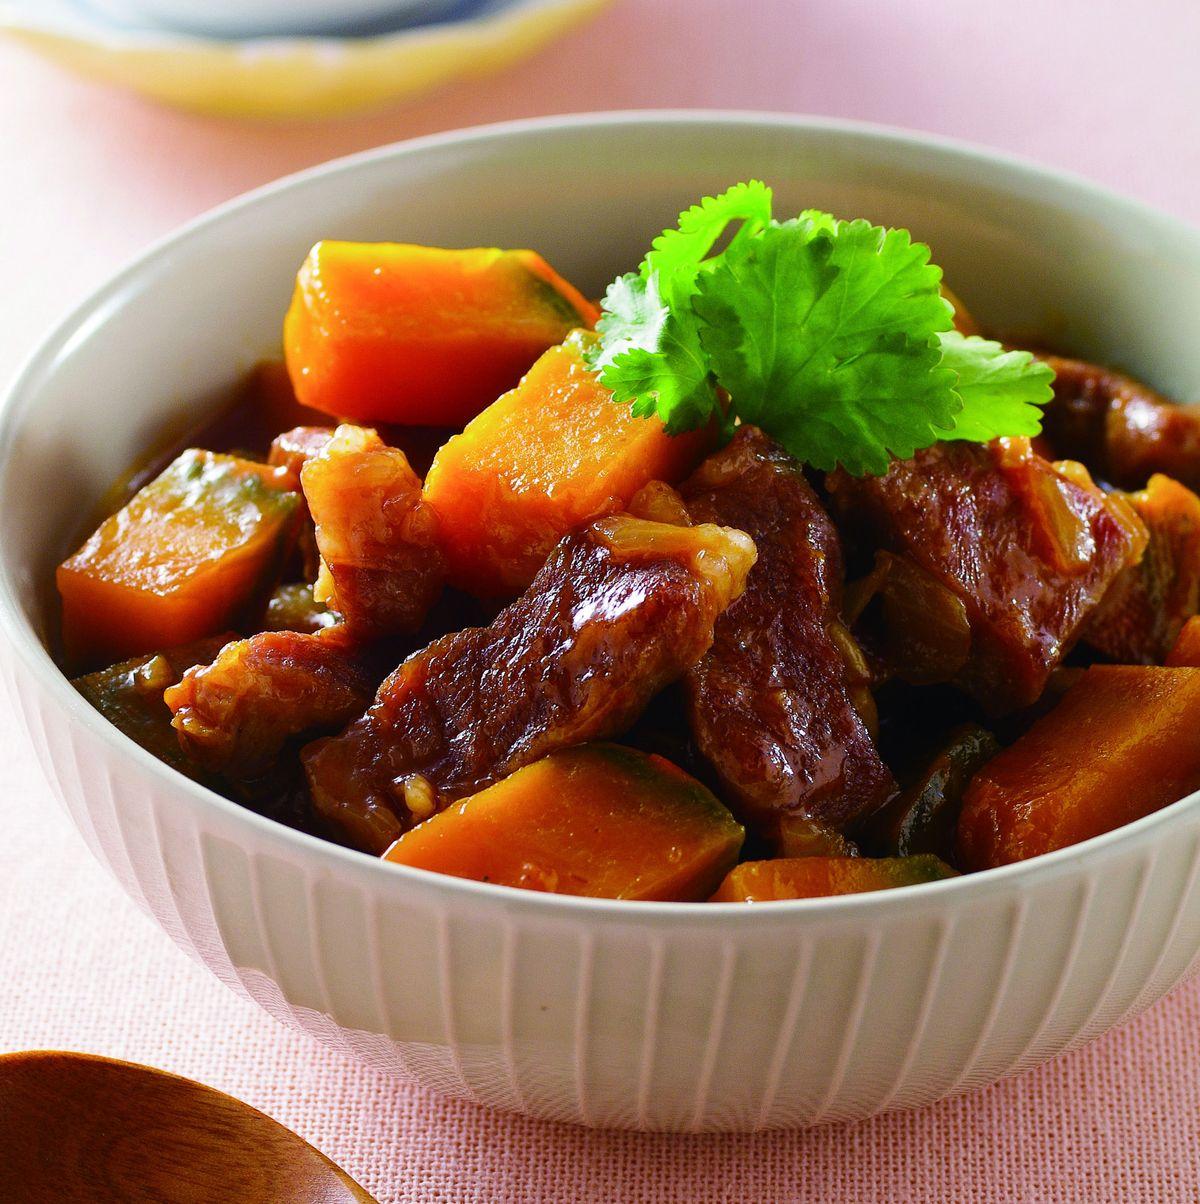 食譜:南瓜燒肉(1)